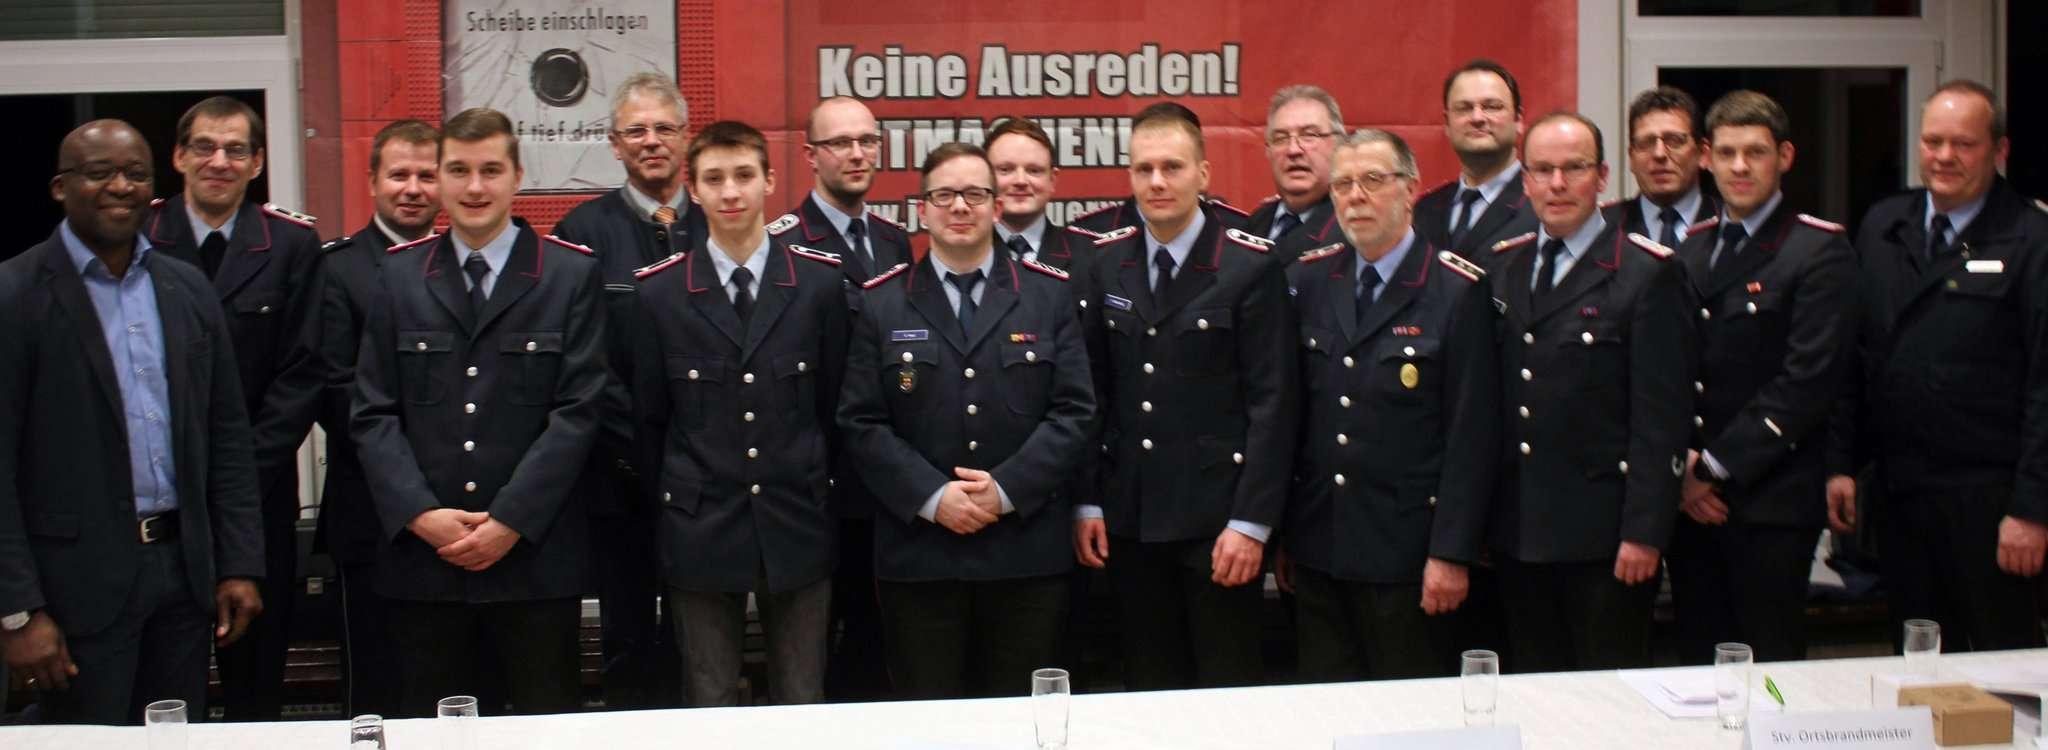 Die Mitglieder der Visselhöveder Feuerwehr und ihre Gäste ließen das vergangene Jahr Revue passieren.